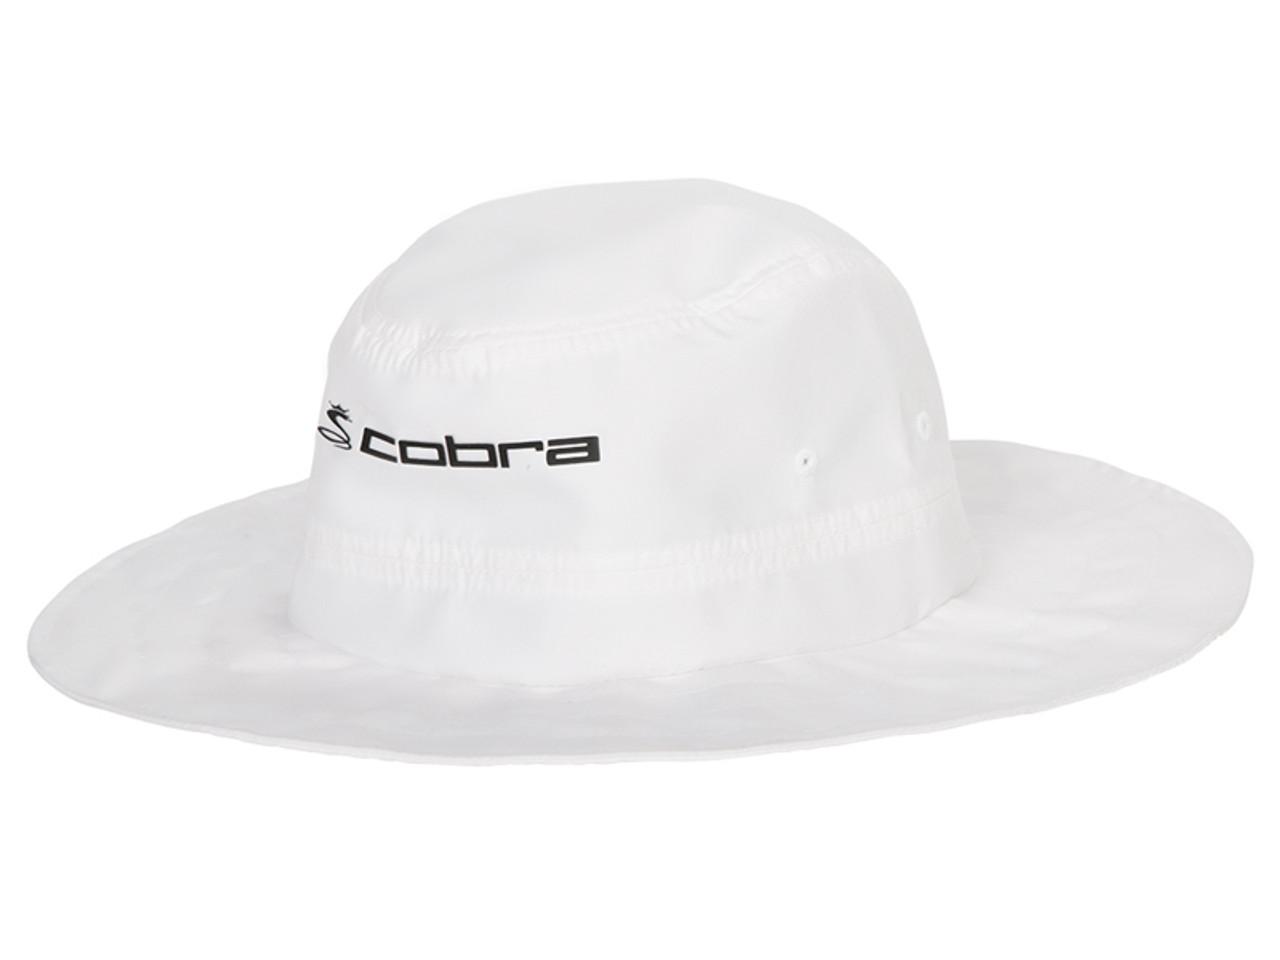 9801e0030 Cobra Sun Bucket Hat - White